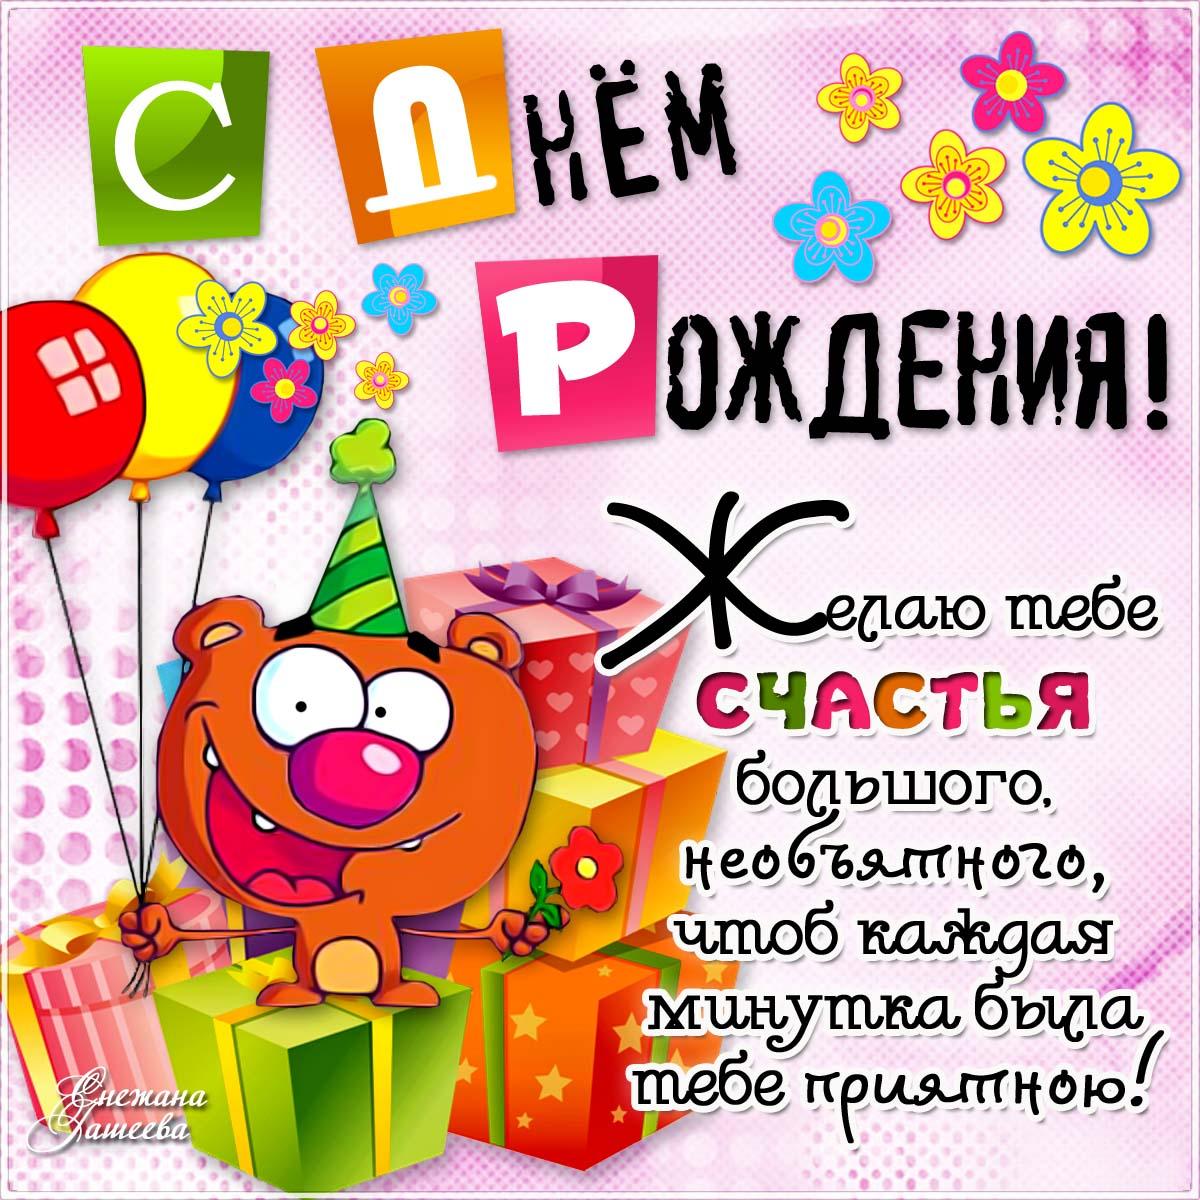 Поздравления с днем рождения однокласснику смс